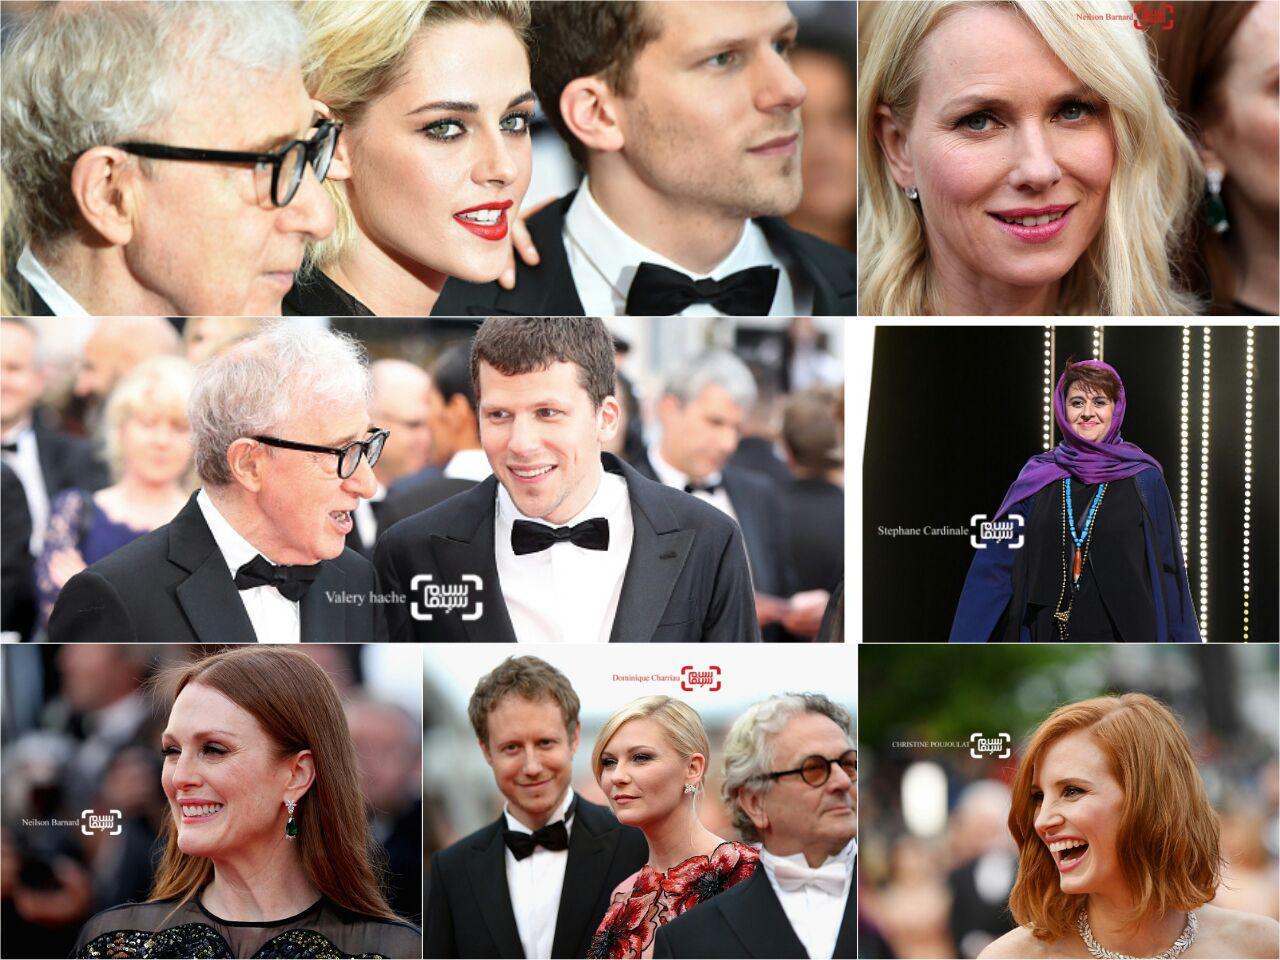 گزارش تصویری از افتتاحیه جشنواره فیلم کن 2016